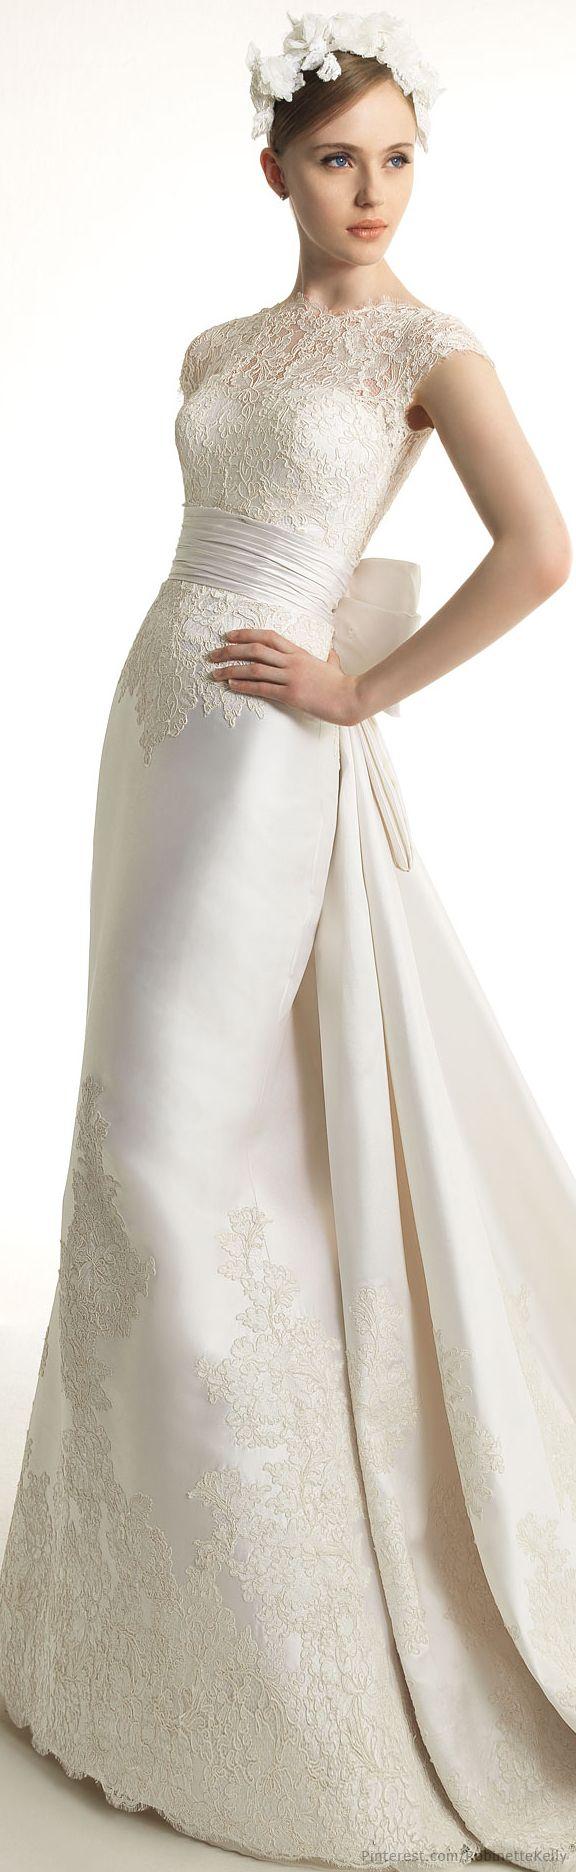 Amo vestidos de noiva